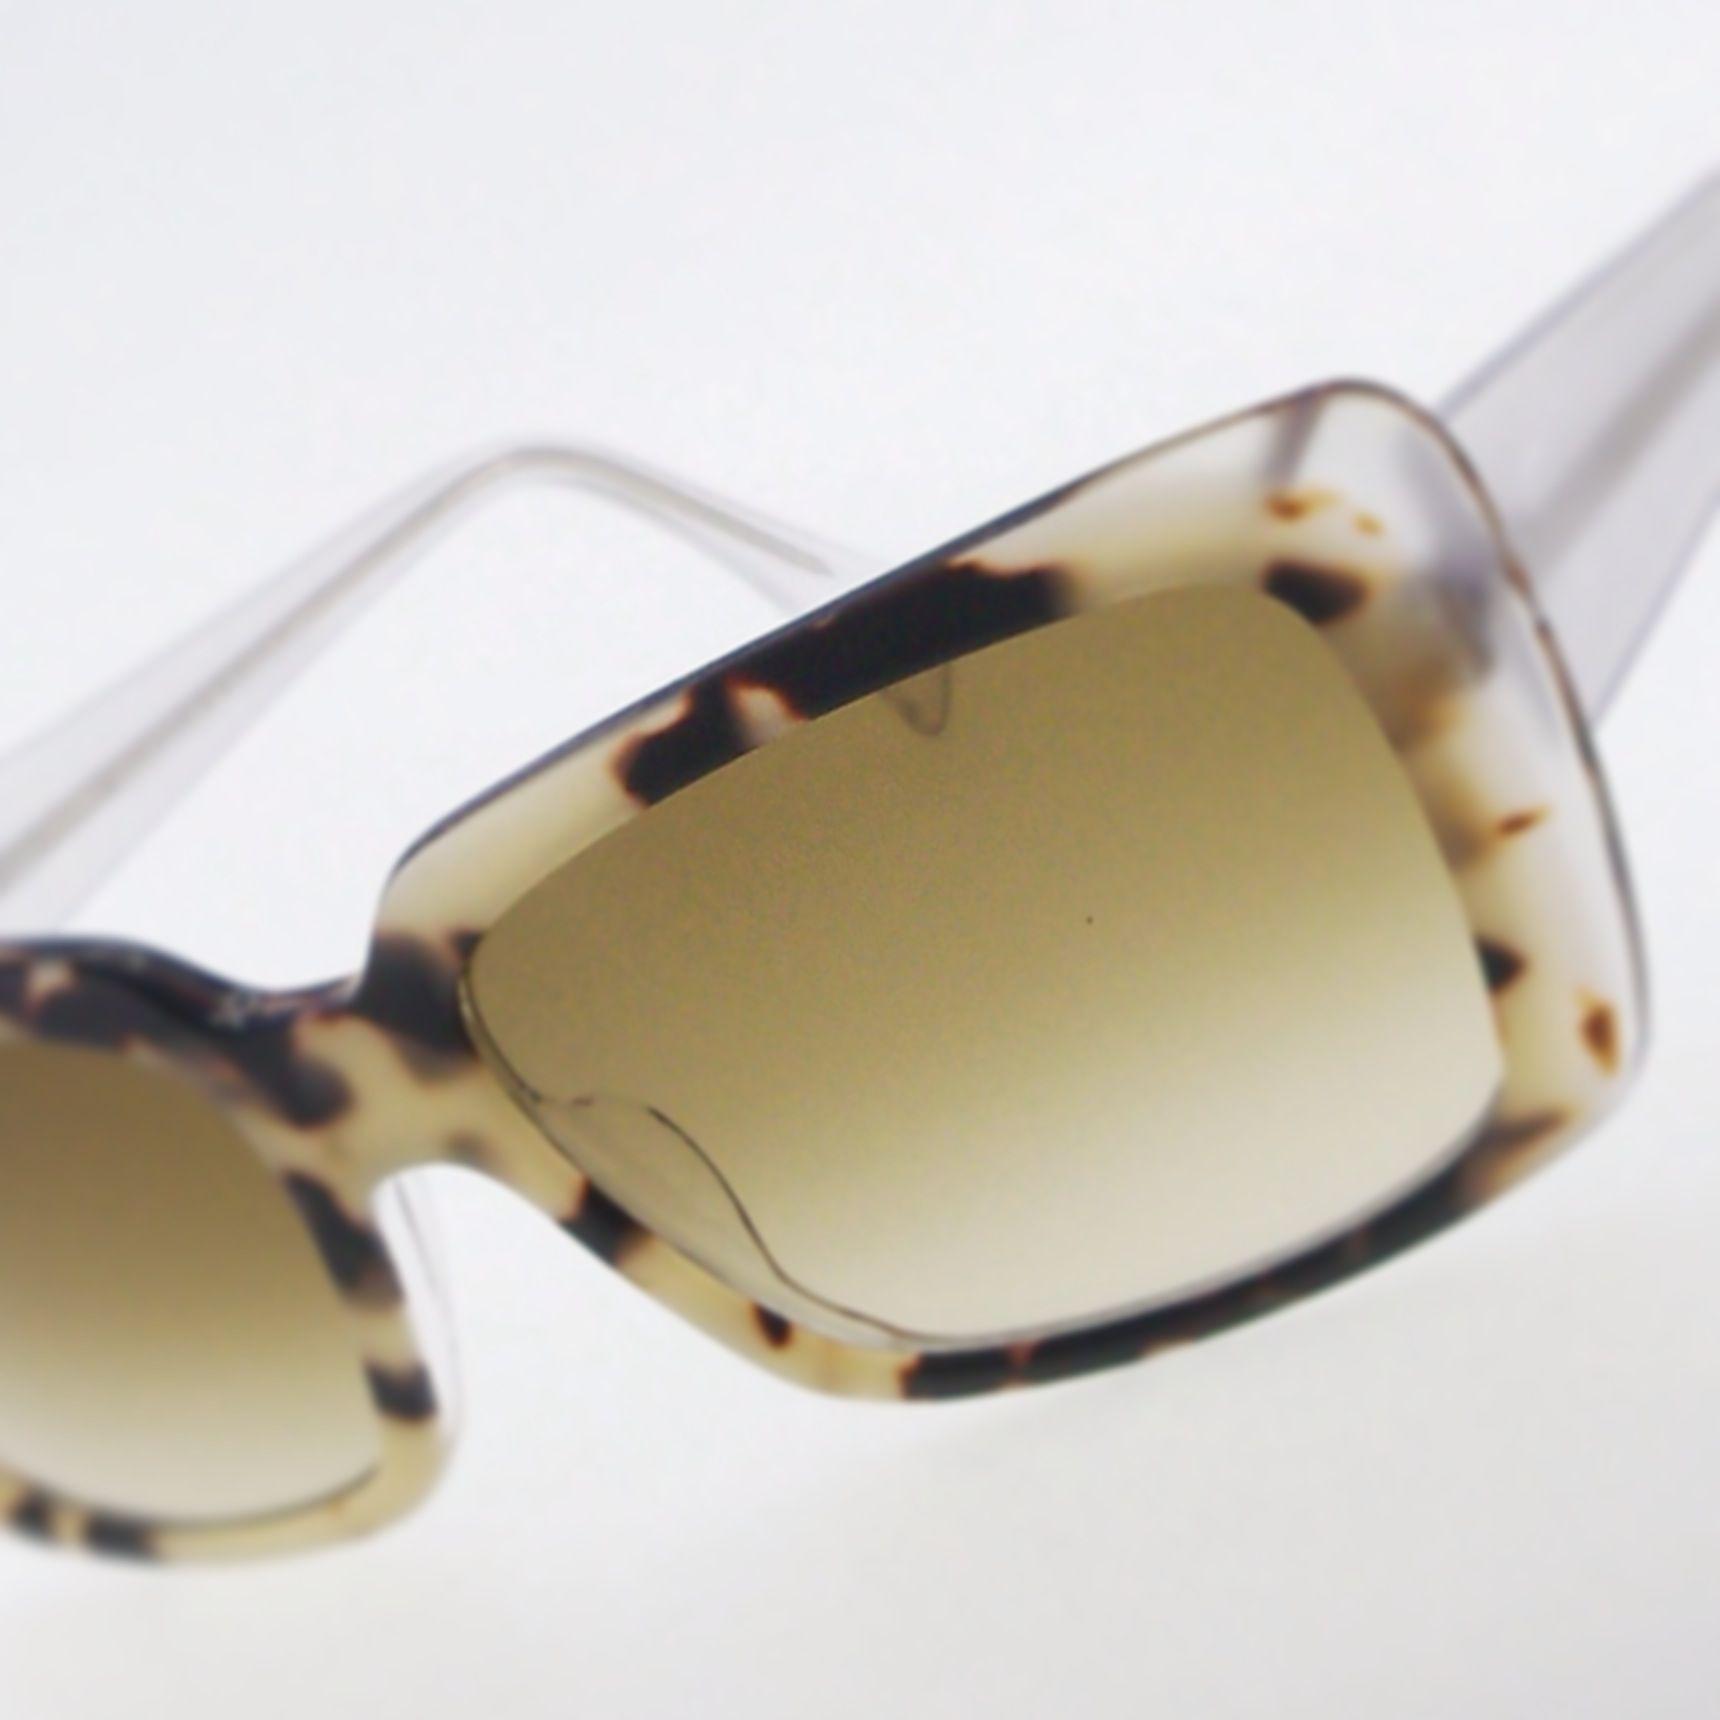 ecd694da369e3 Lojas De Roupas, Óculos, Óculos, Últimas Tendências, Natação, Óculos De  Sol, Lentes